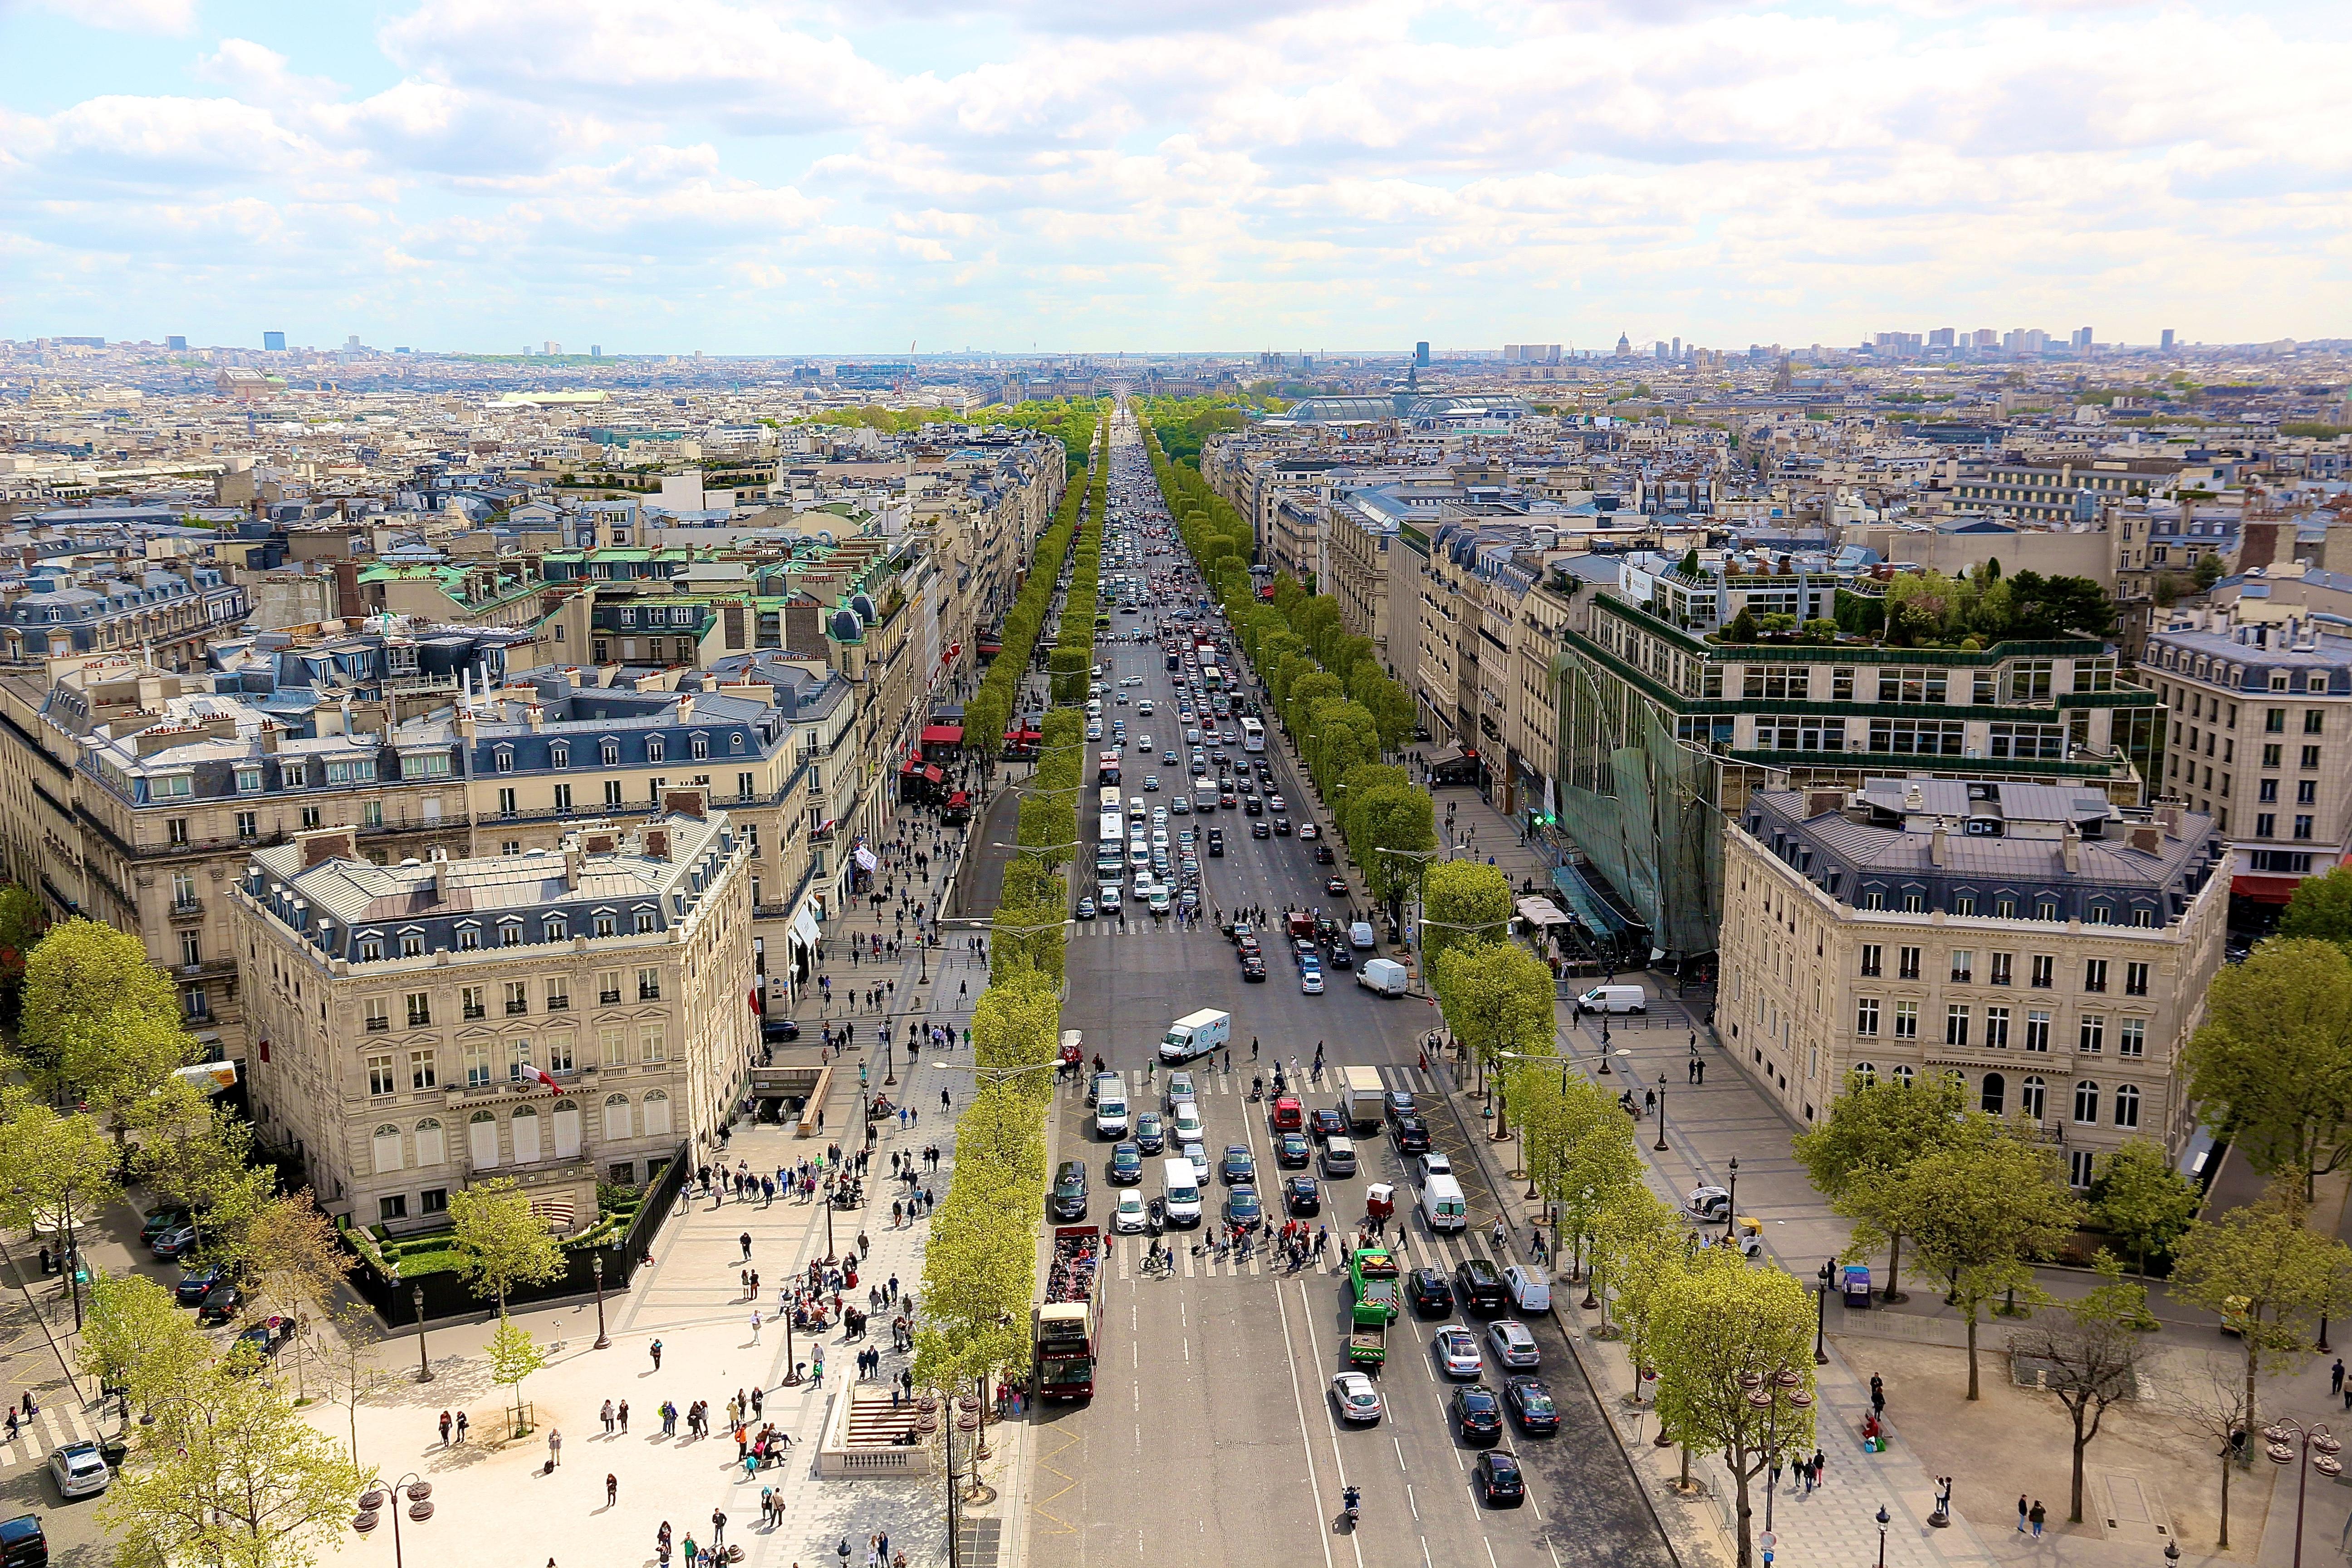 l'Avenue des Champs-Élysées